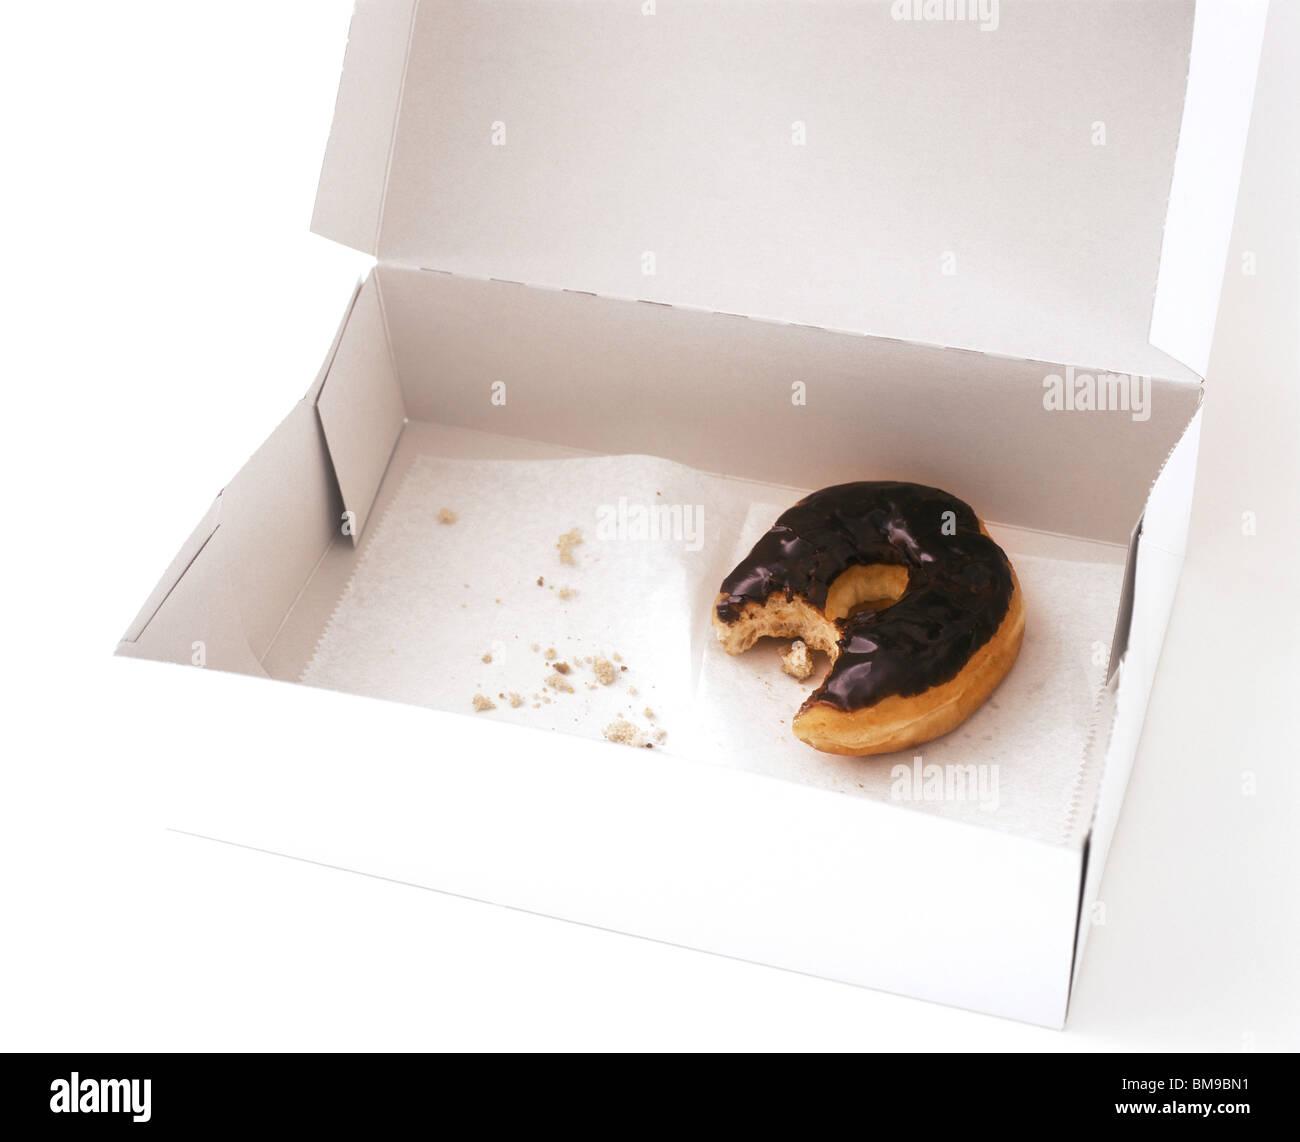 Still life de una caja con una parcialmente comido donut Imagen De Stock